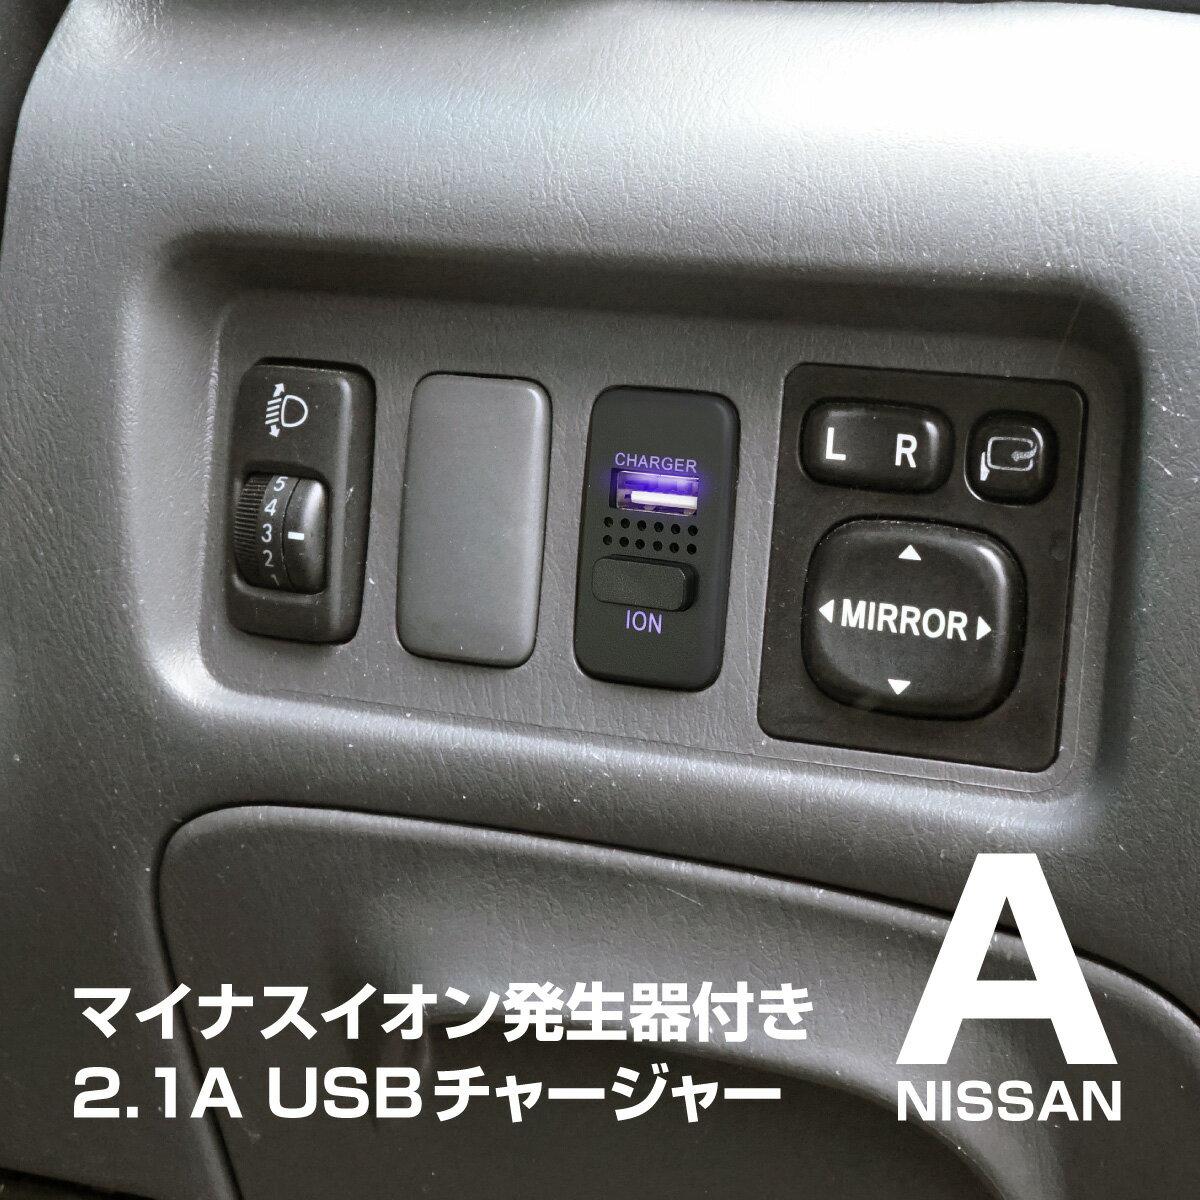 日産 汎用 純正スイッチポート用 USBチャージャー 2.1A 5V 充電 空気清浄機能 マイナスイオン 消臭 LED ブルー スマホ 車 NISSAN ニッサン _59963